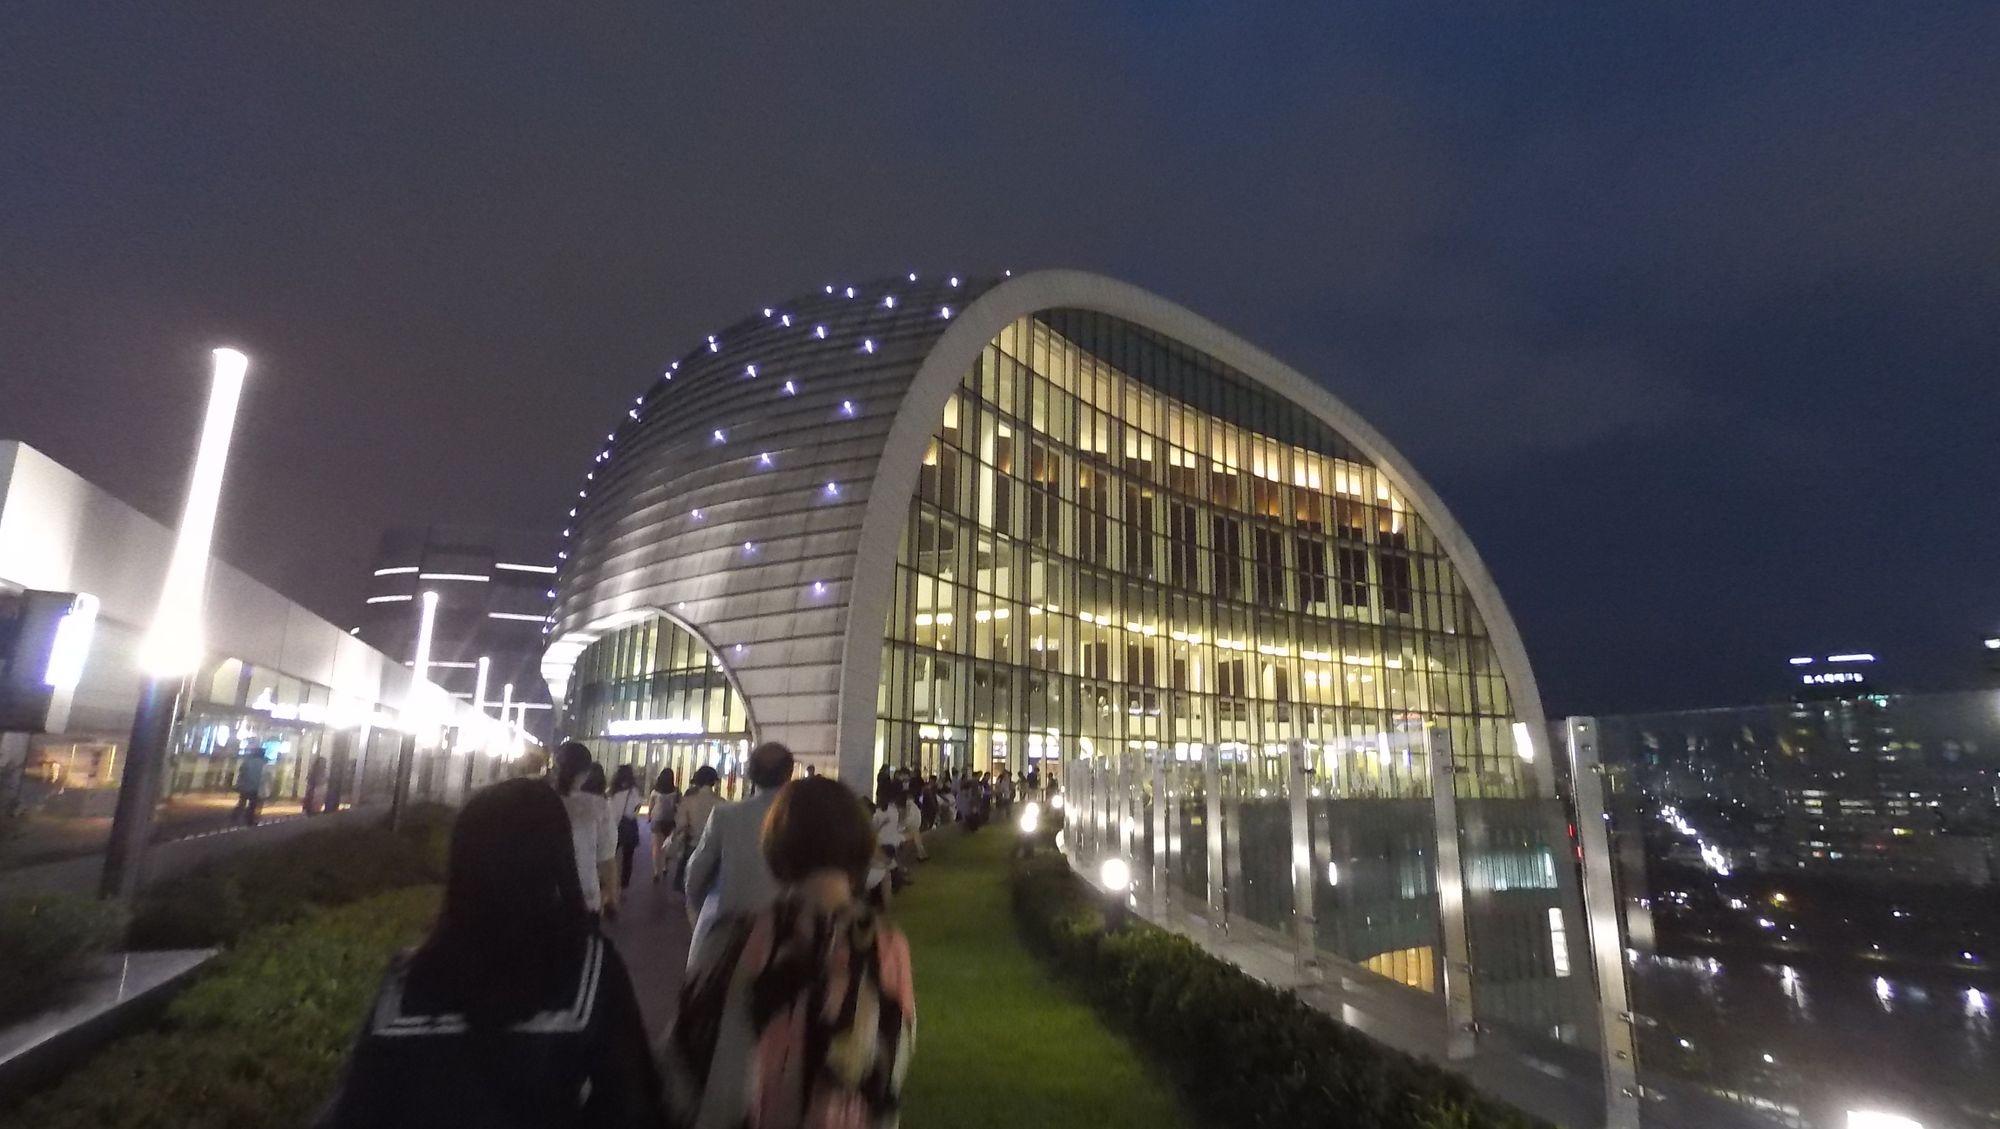 推開商場的門,經過夜空下的走廊,抵達這新穎的音樂廳。如何坐落在商場之上而不染俗氣,這是上佳示範。